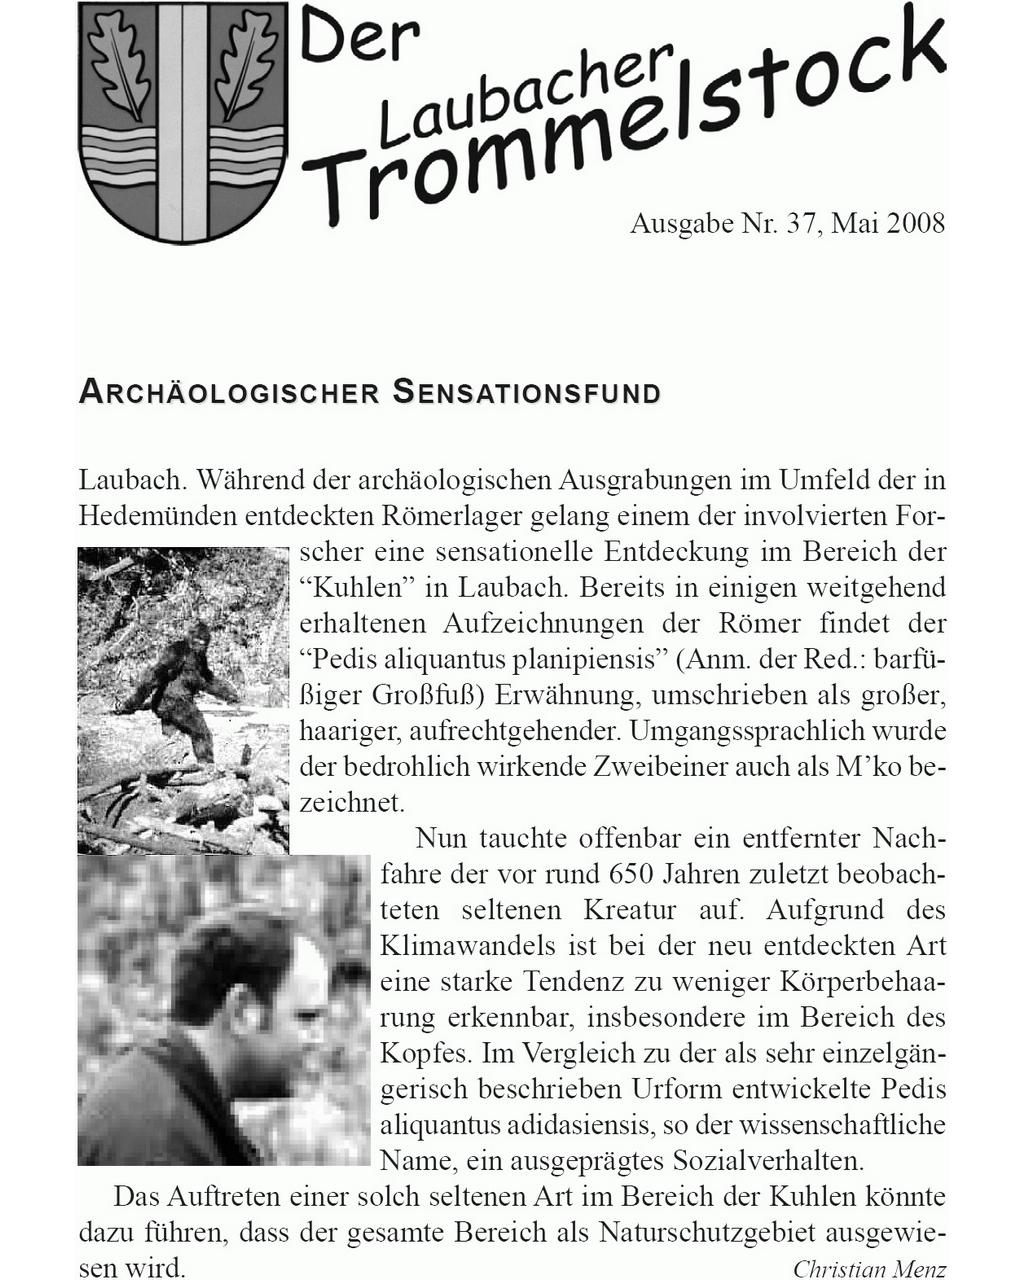 Laubacher-Trommelstock-Titelseite-037